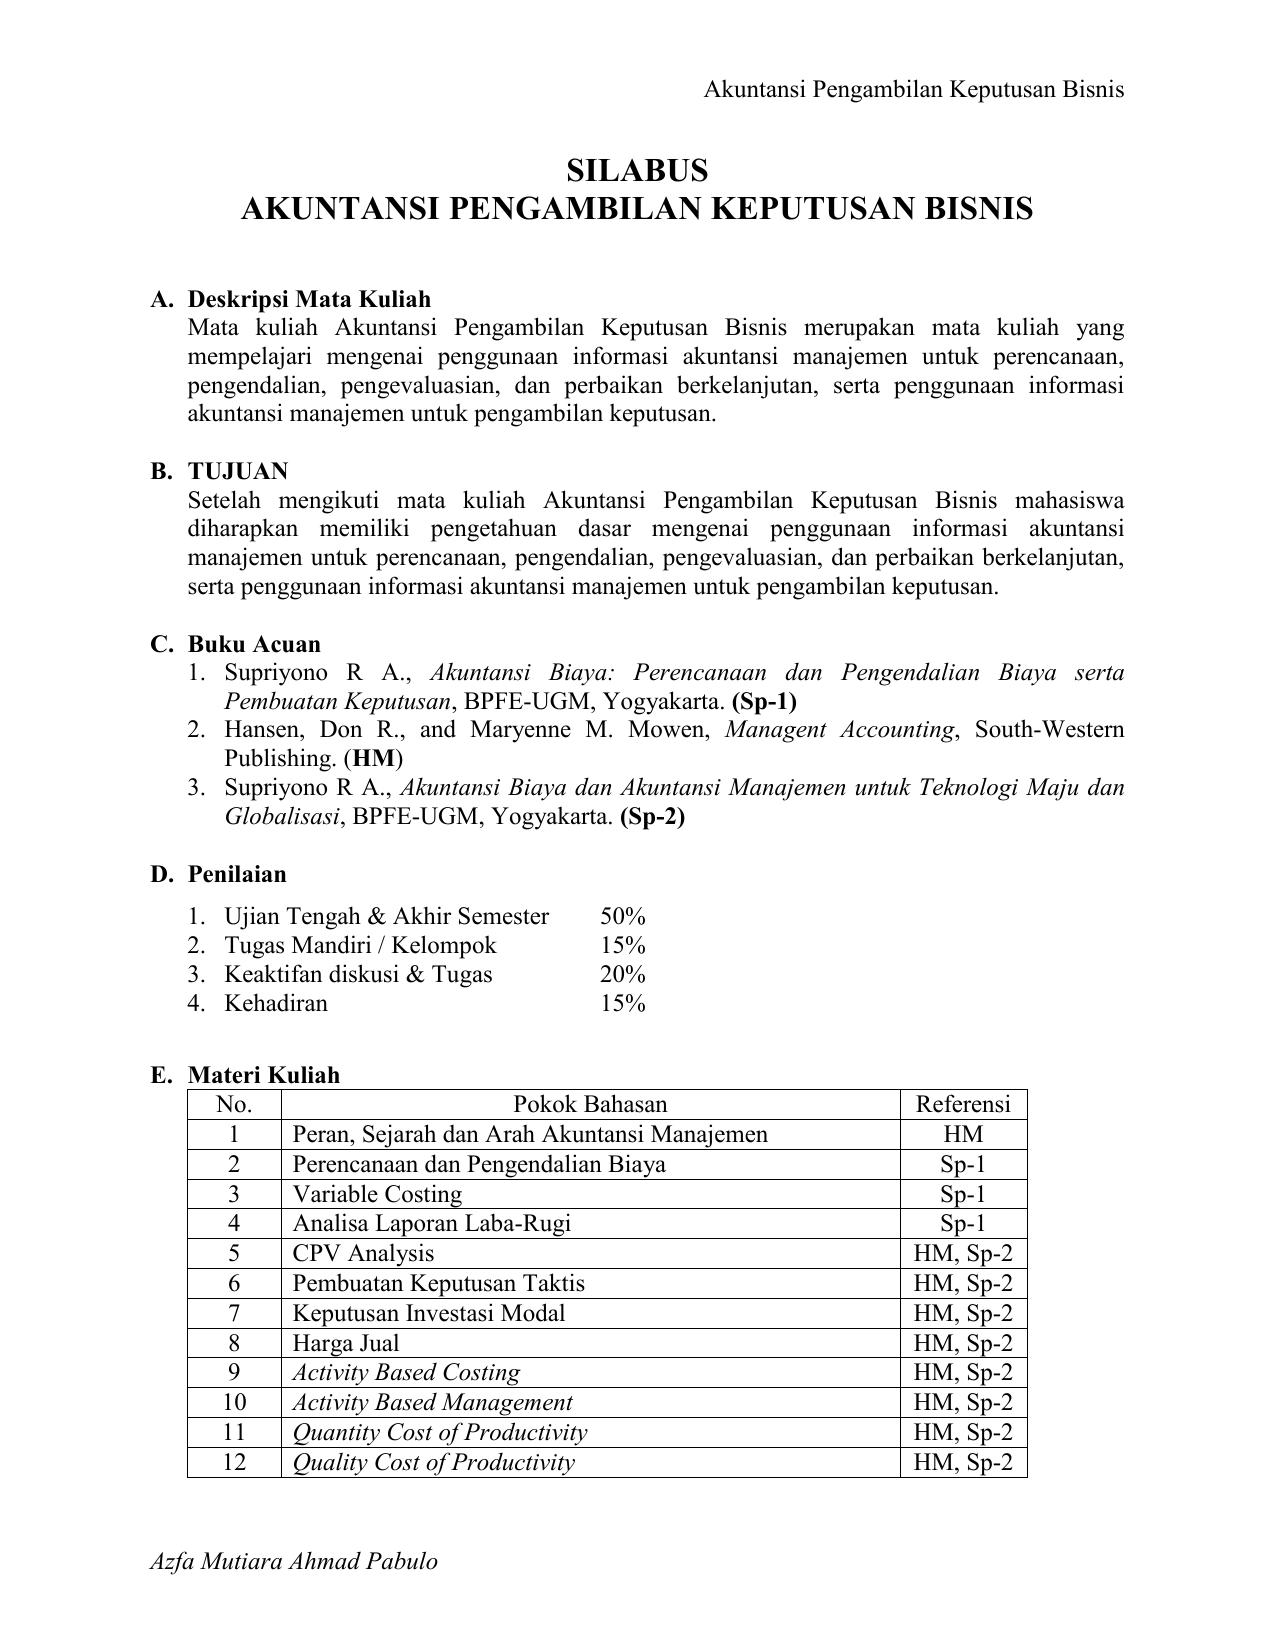 Silabus Akuntansi Keuangan Kelas Xii - IlmuSosial.id